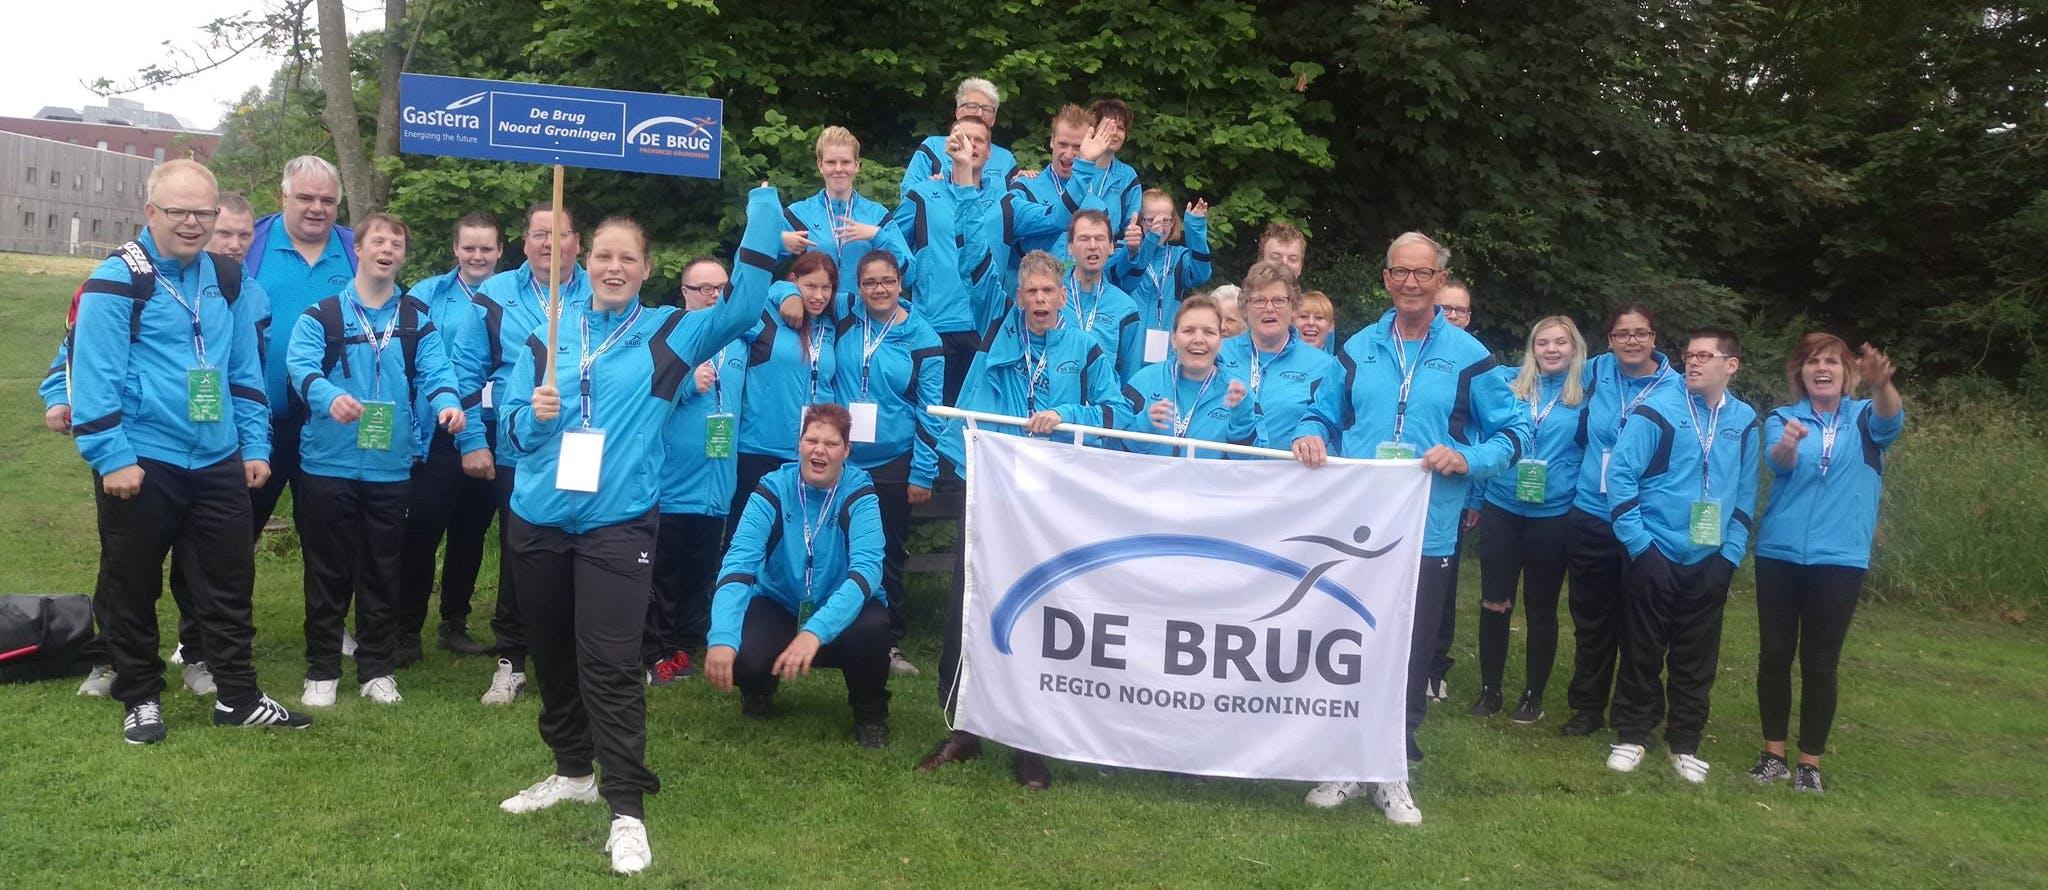 Stichting de Brug (Groningen)